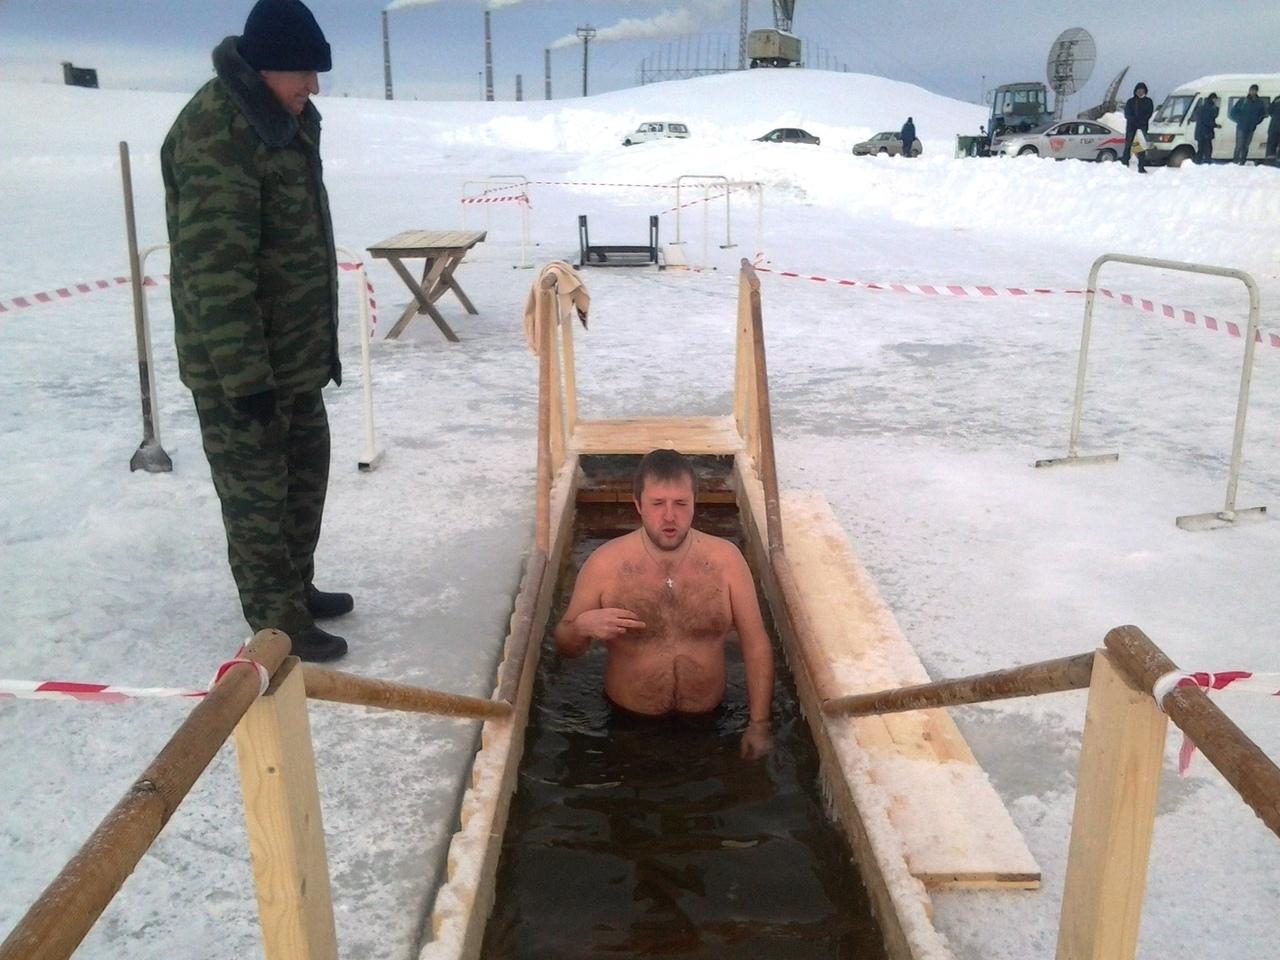 Открестились: в Тольятти не будут проводить купание в проруби из-за коронавируса